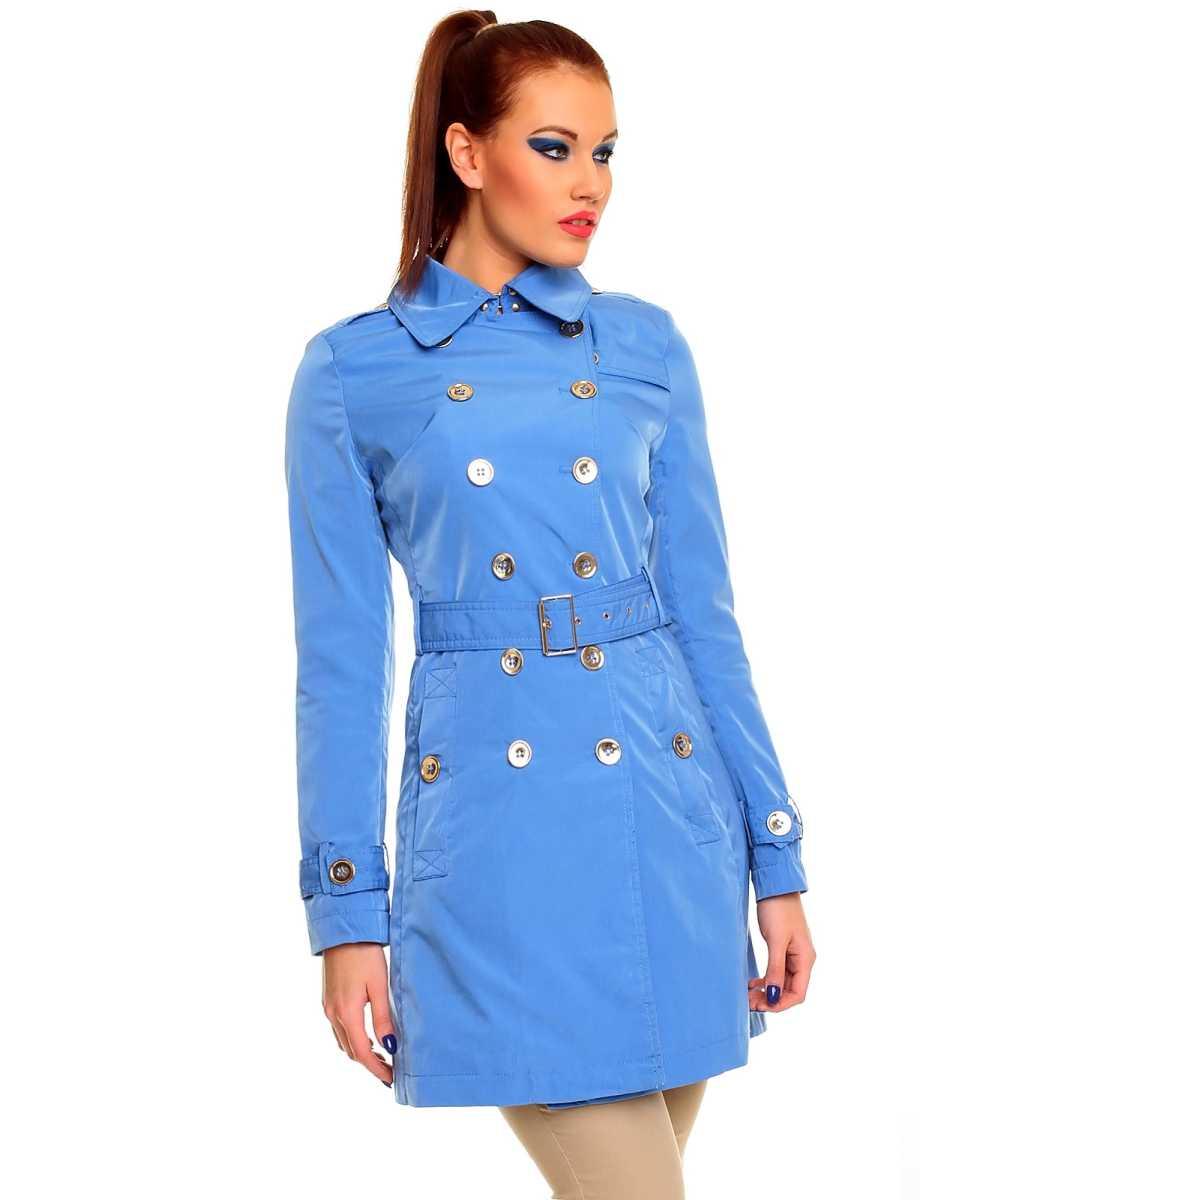 Trenci albastru din tercot, modern, cu nasturi si curea trench dama